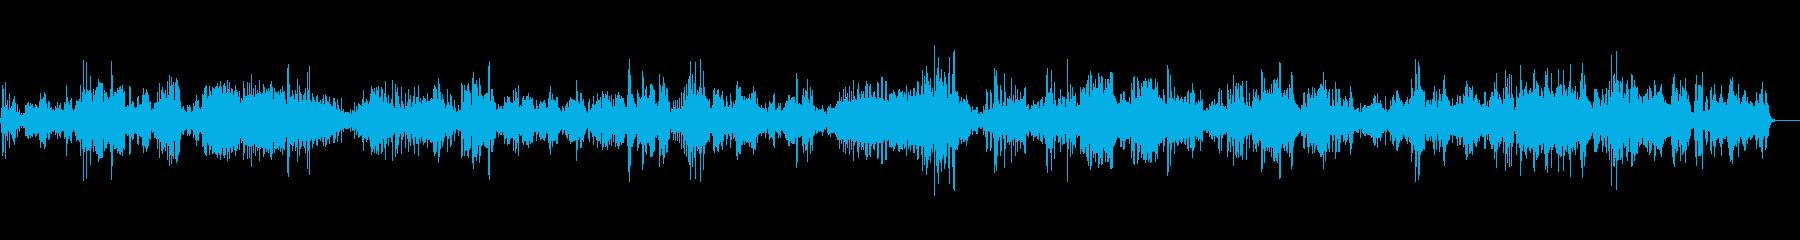 教会に響き渡るバイオリン独奏曲5の再生済みの波形